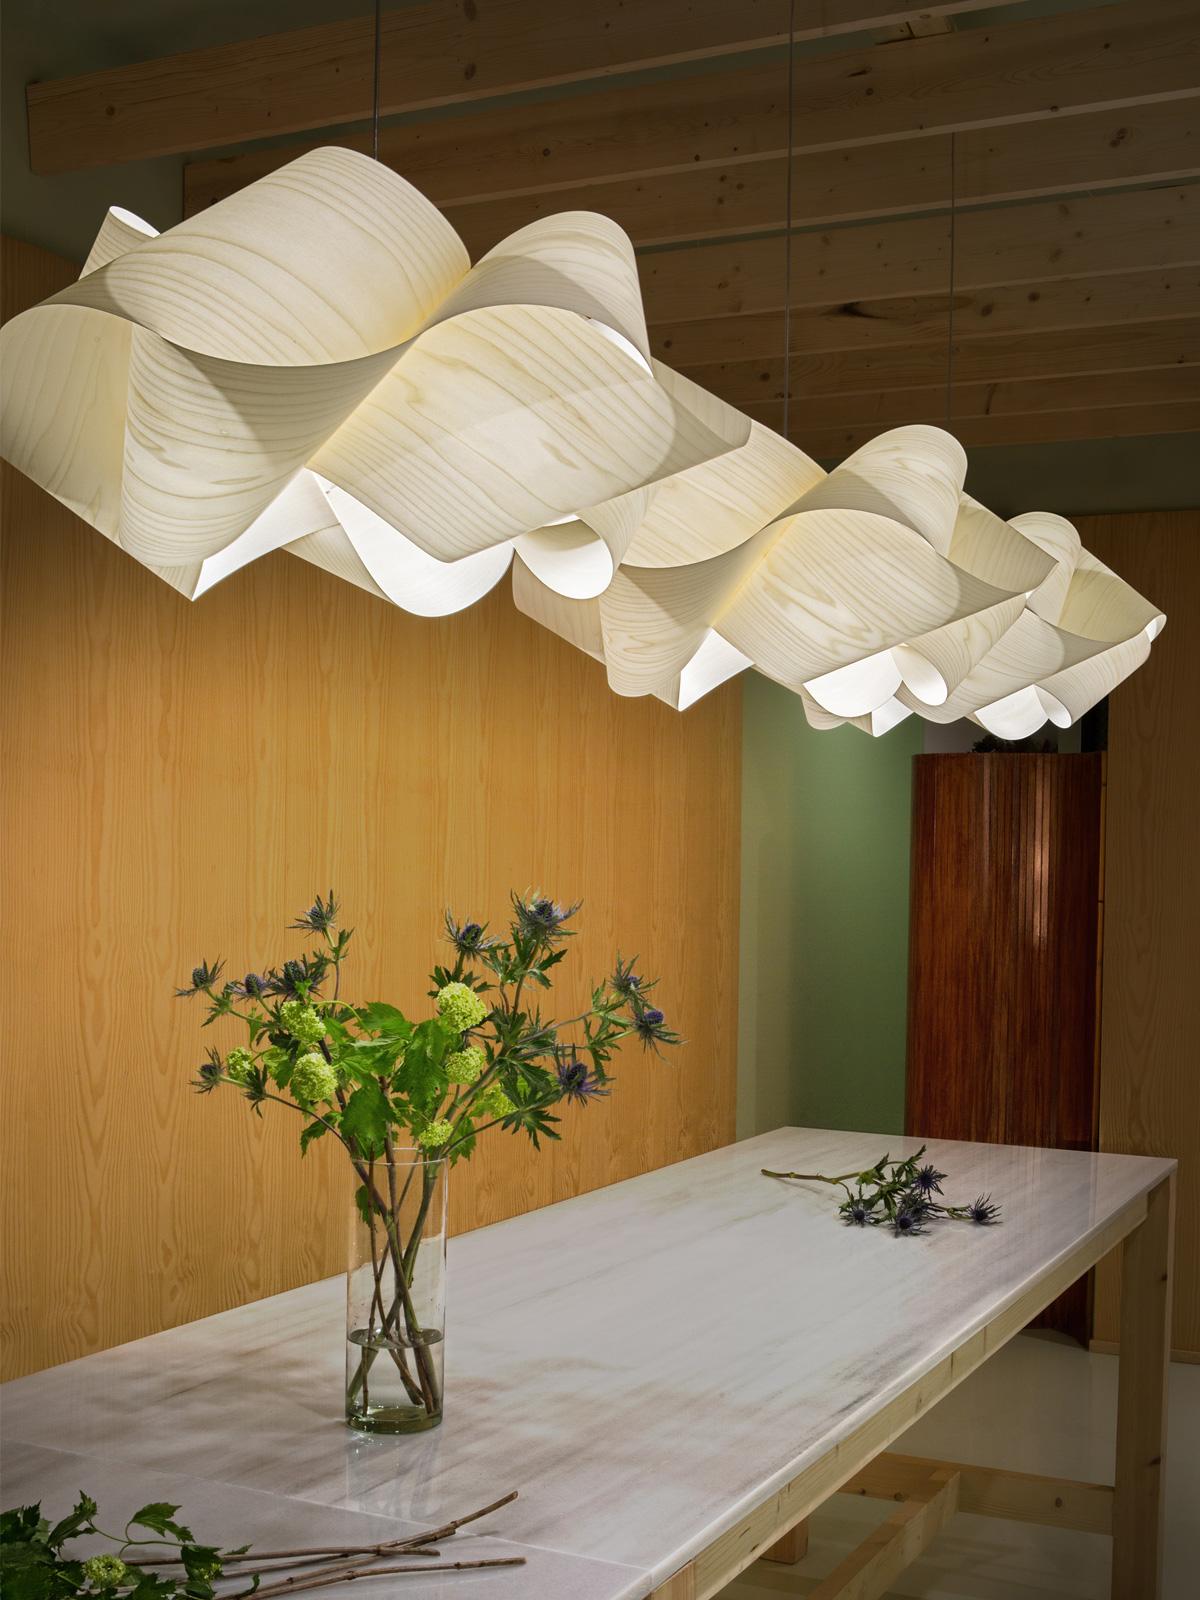 Swirl SP Lzf Lamps DesignOrt Onlineshop Lampen Berlin